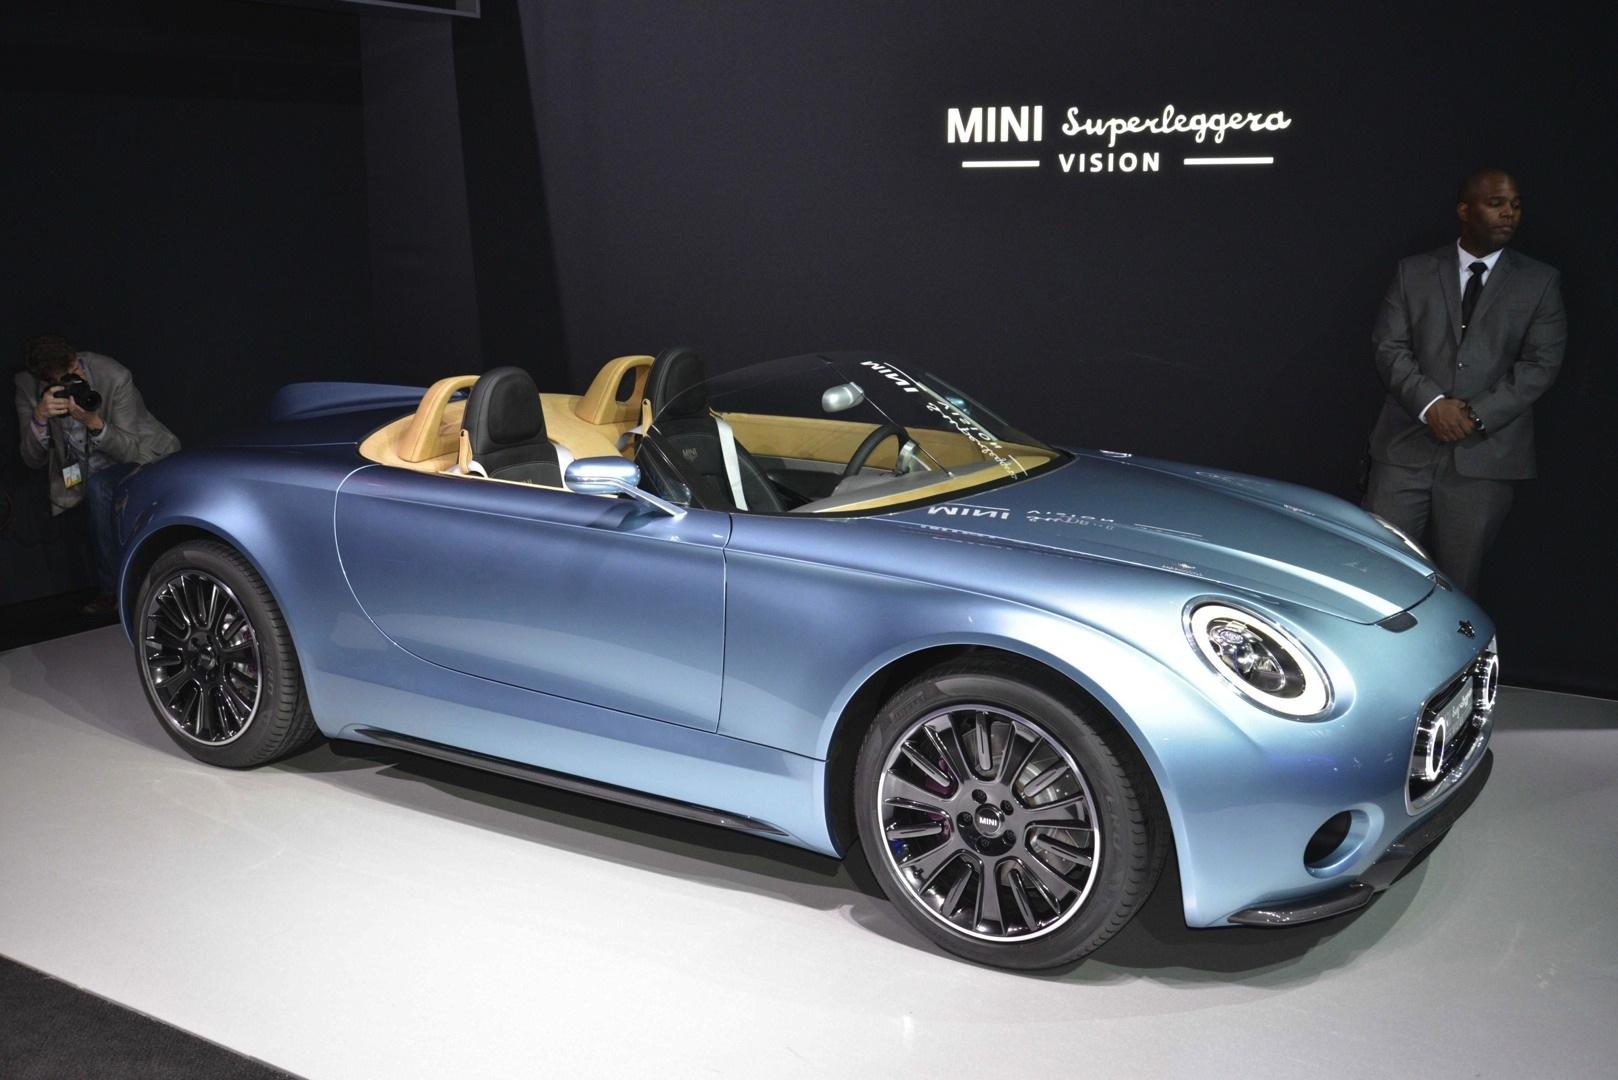 Mini 5 Door Hardtop Premieres At La Auto Show Superleggera Steals